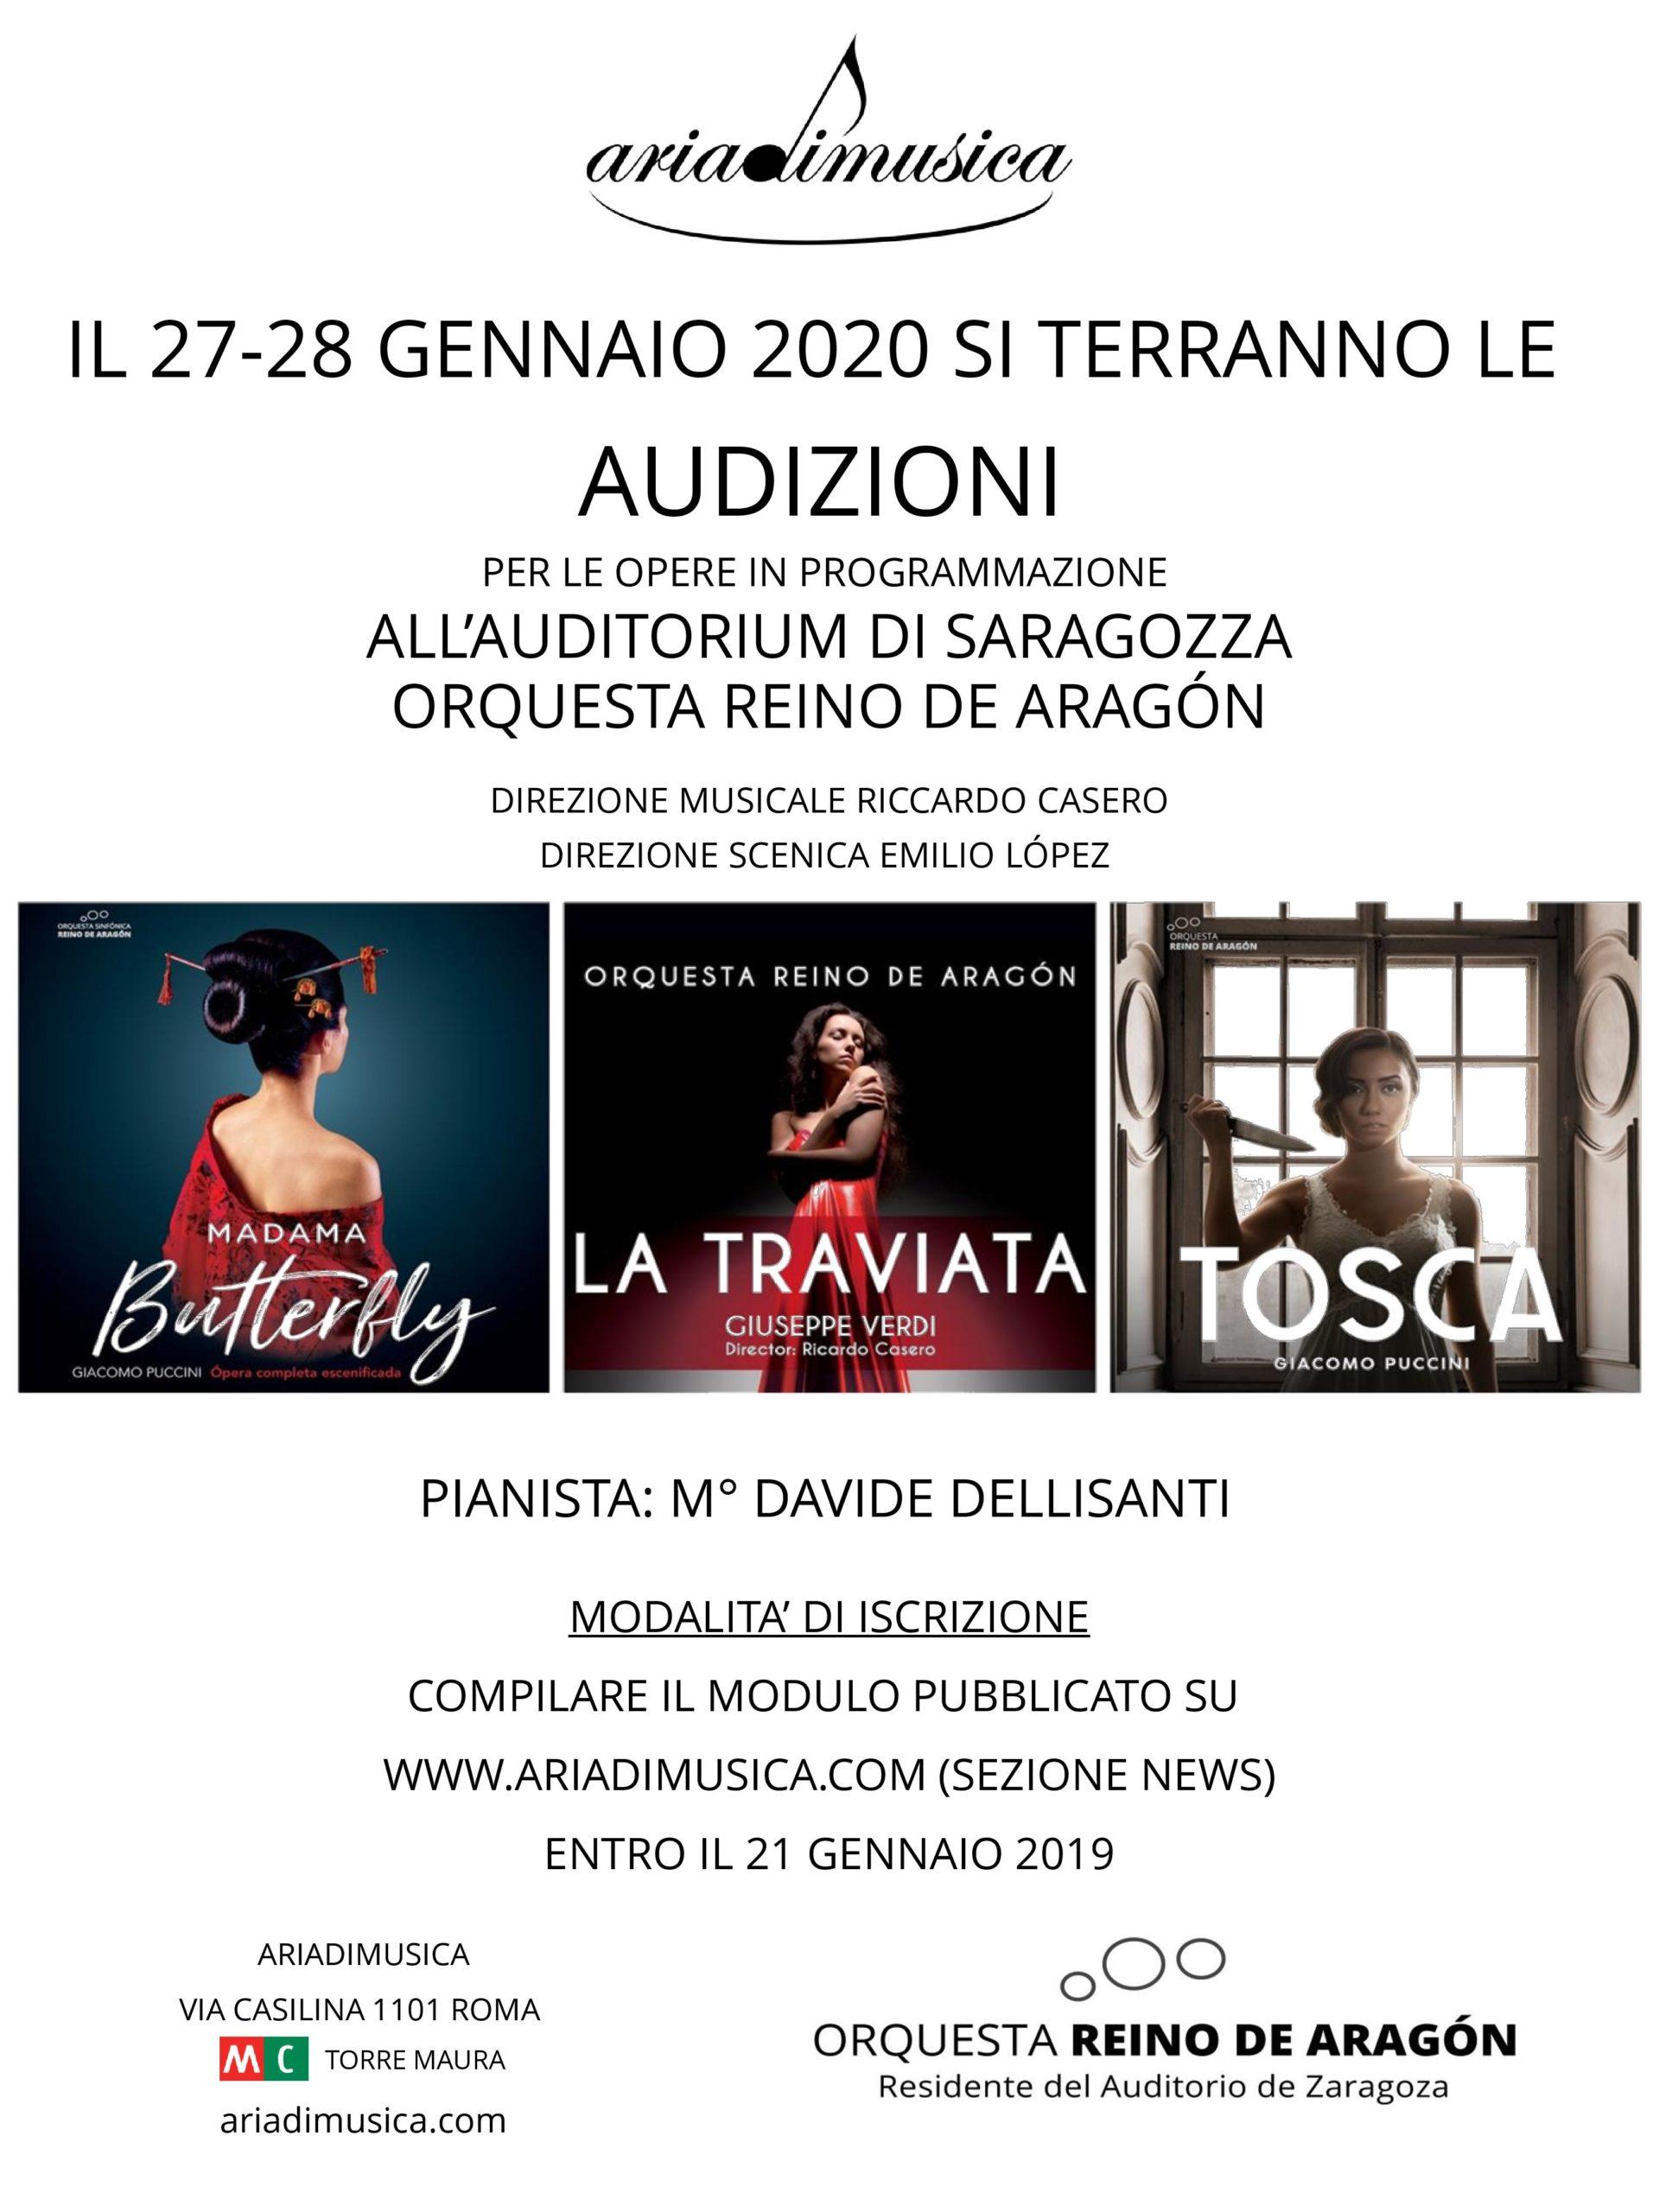 Audizioni per le opere in programmazione all'Auditorium di Saragozza Orquesta Reino de Aragón